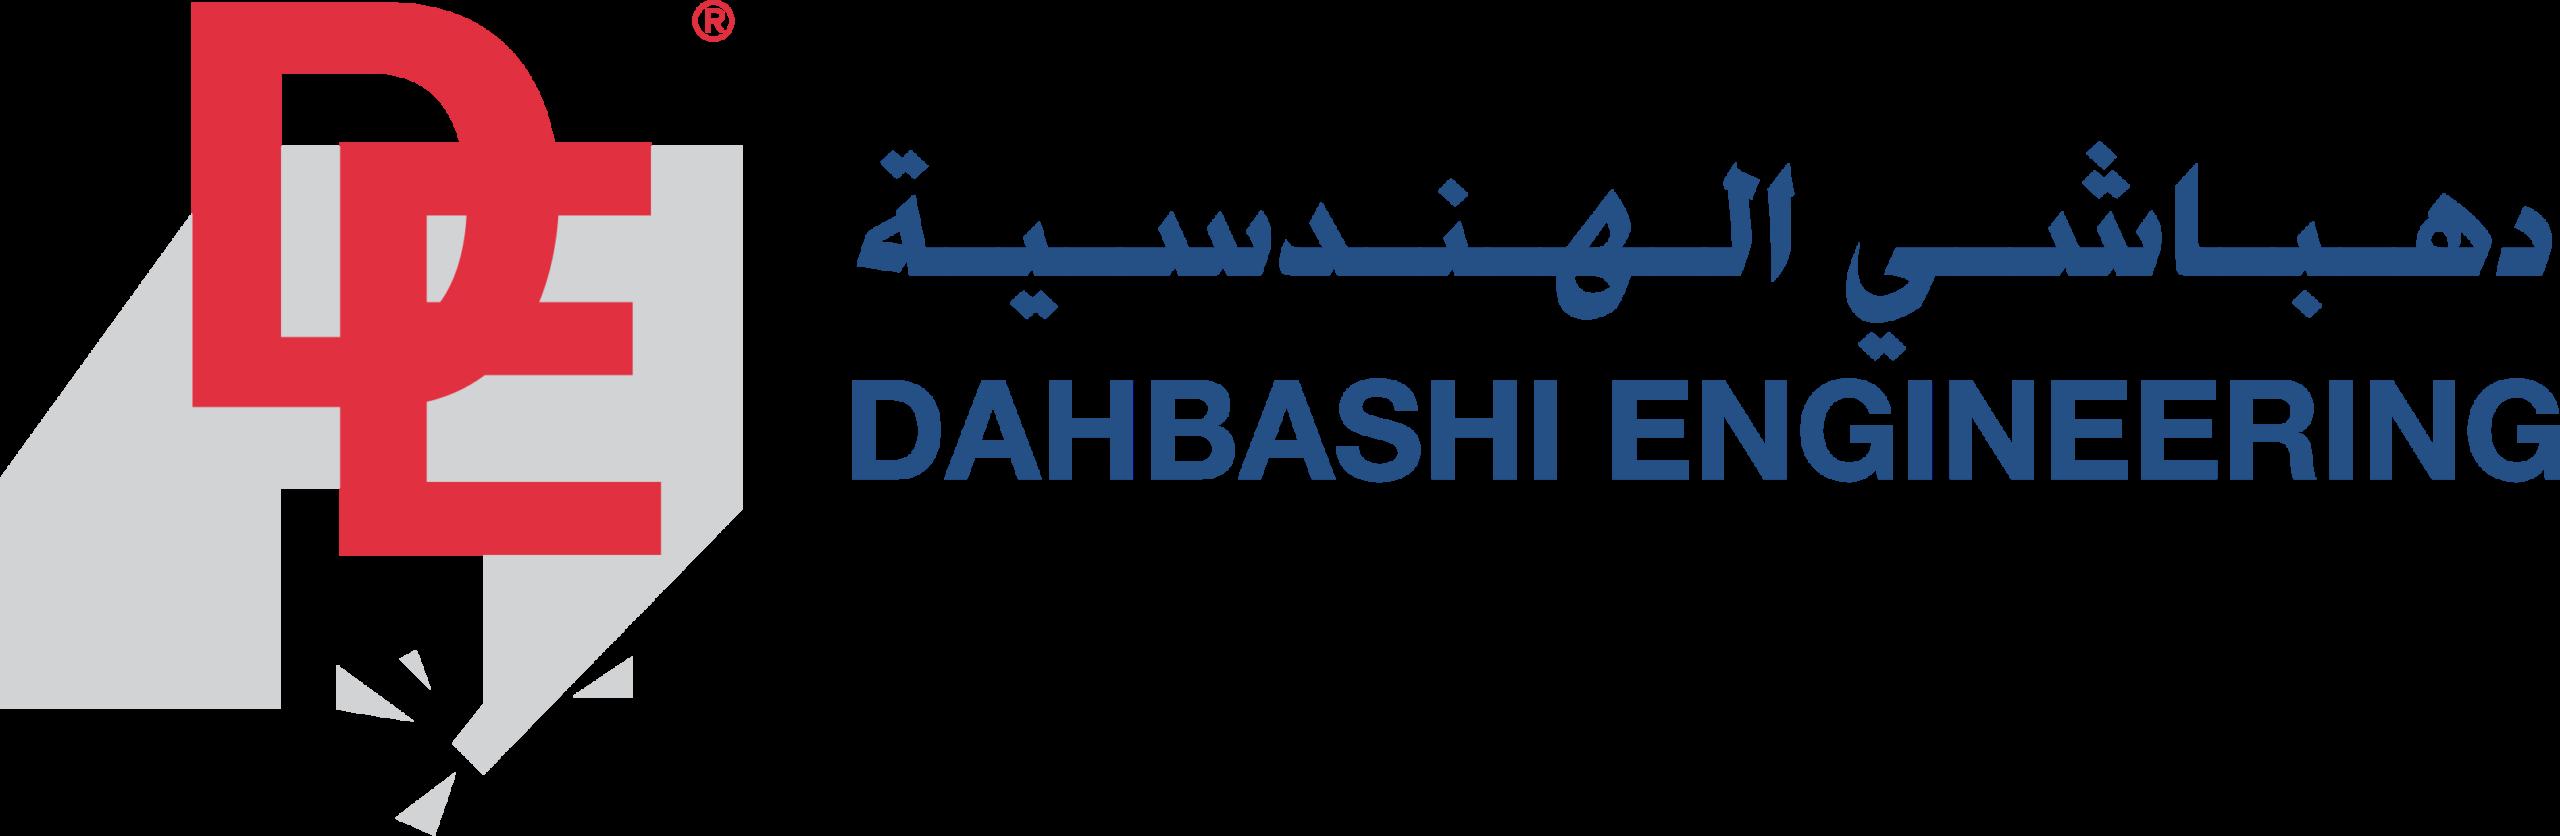 Dahbashi Engineering Logo